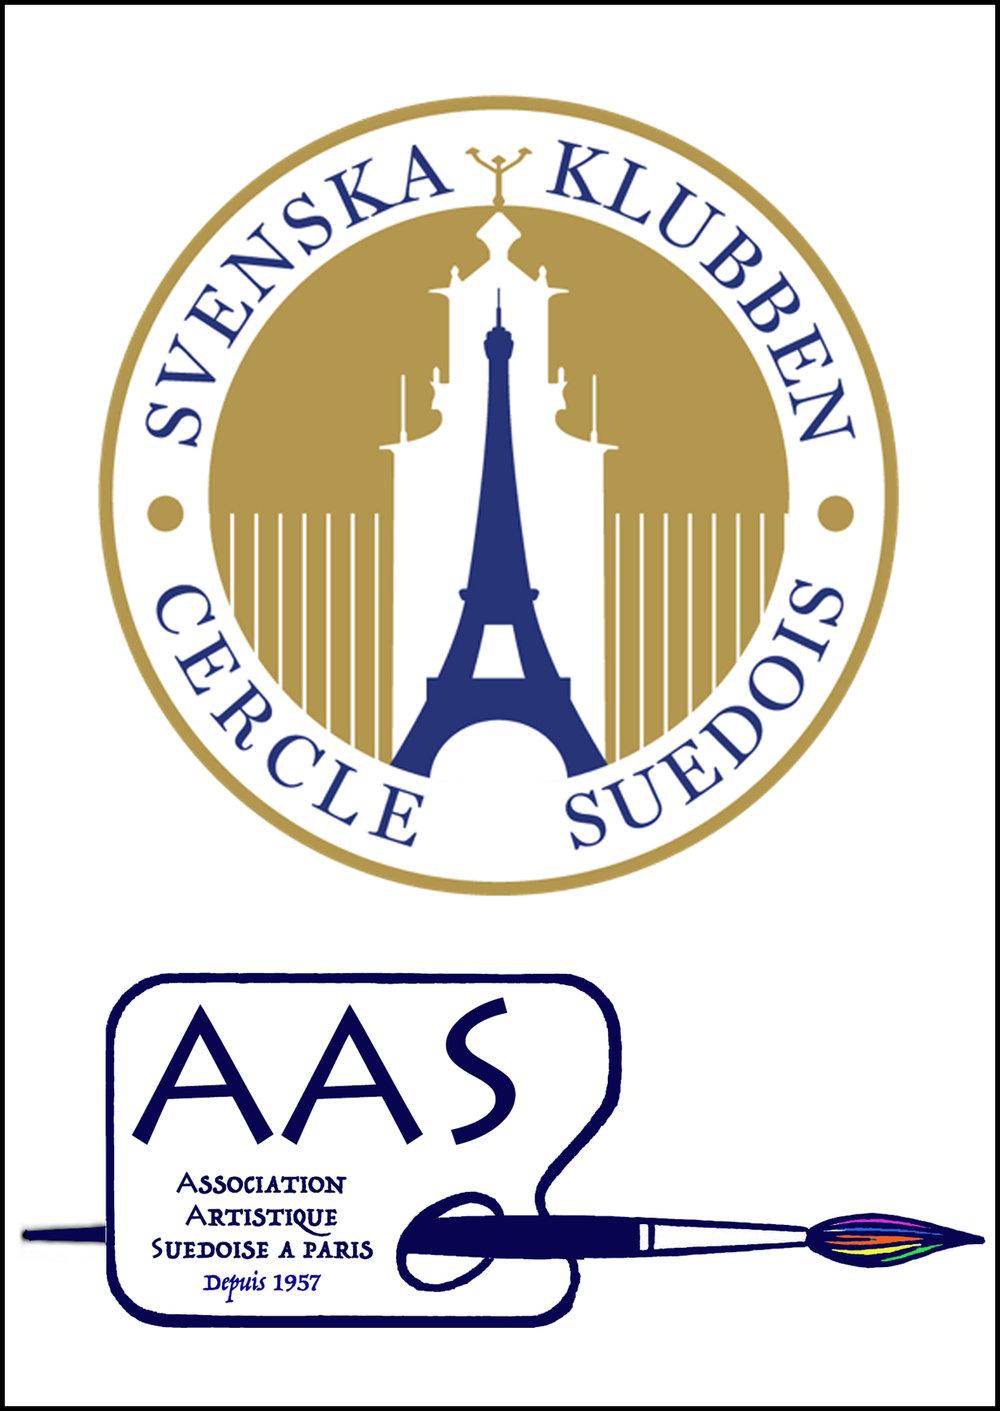 CERCLE SUEDOIS - PARIS, FRANCEExpo: 16/05/2013 - 30/05/2013Vernissage: 23/05/2013 (18h00-21h00)